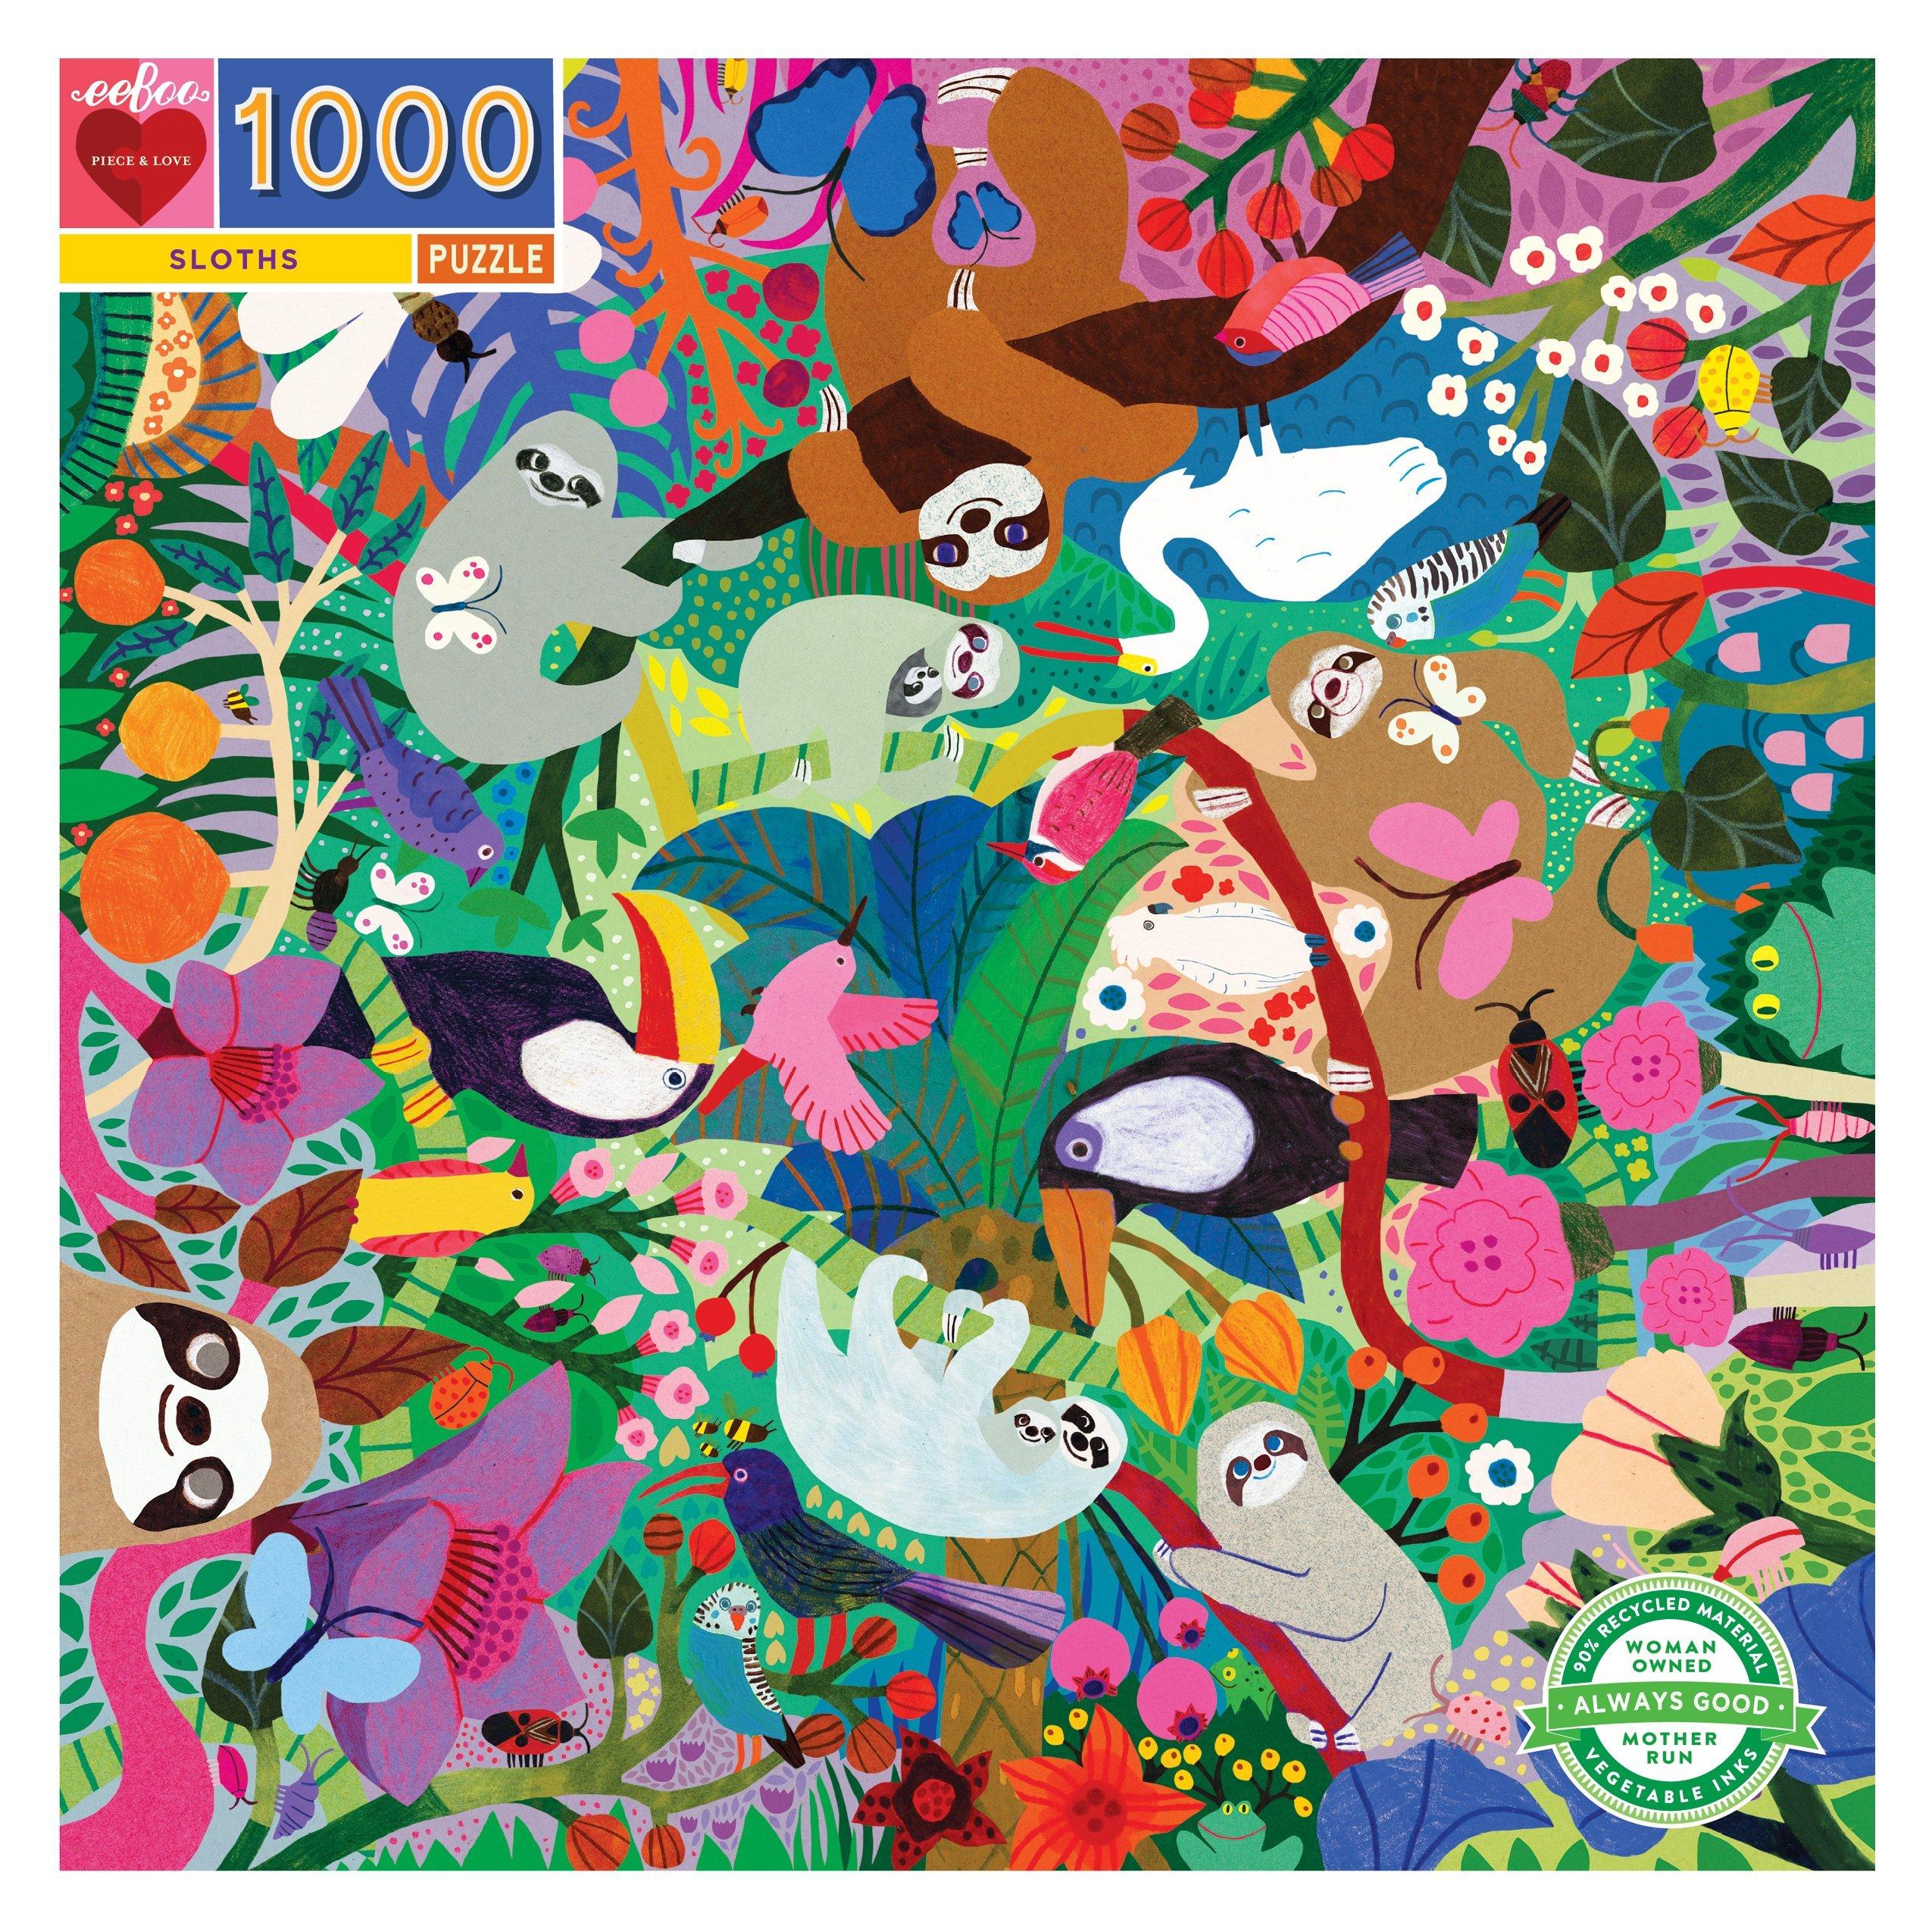 Sloths 1000 Piece Puzzle - eeBoo